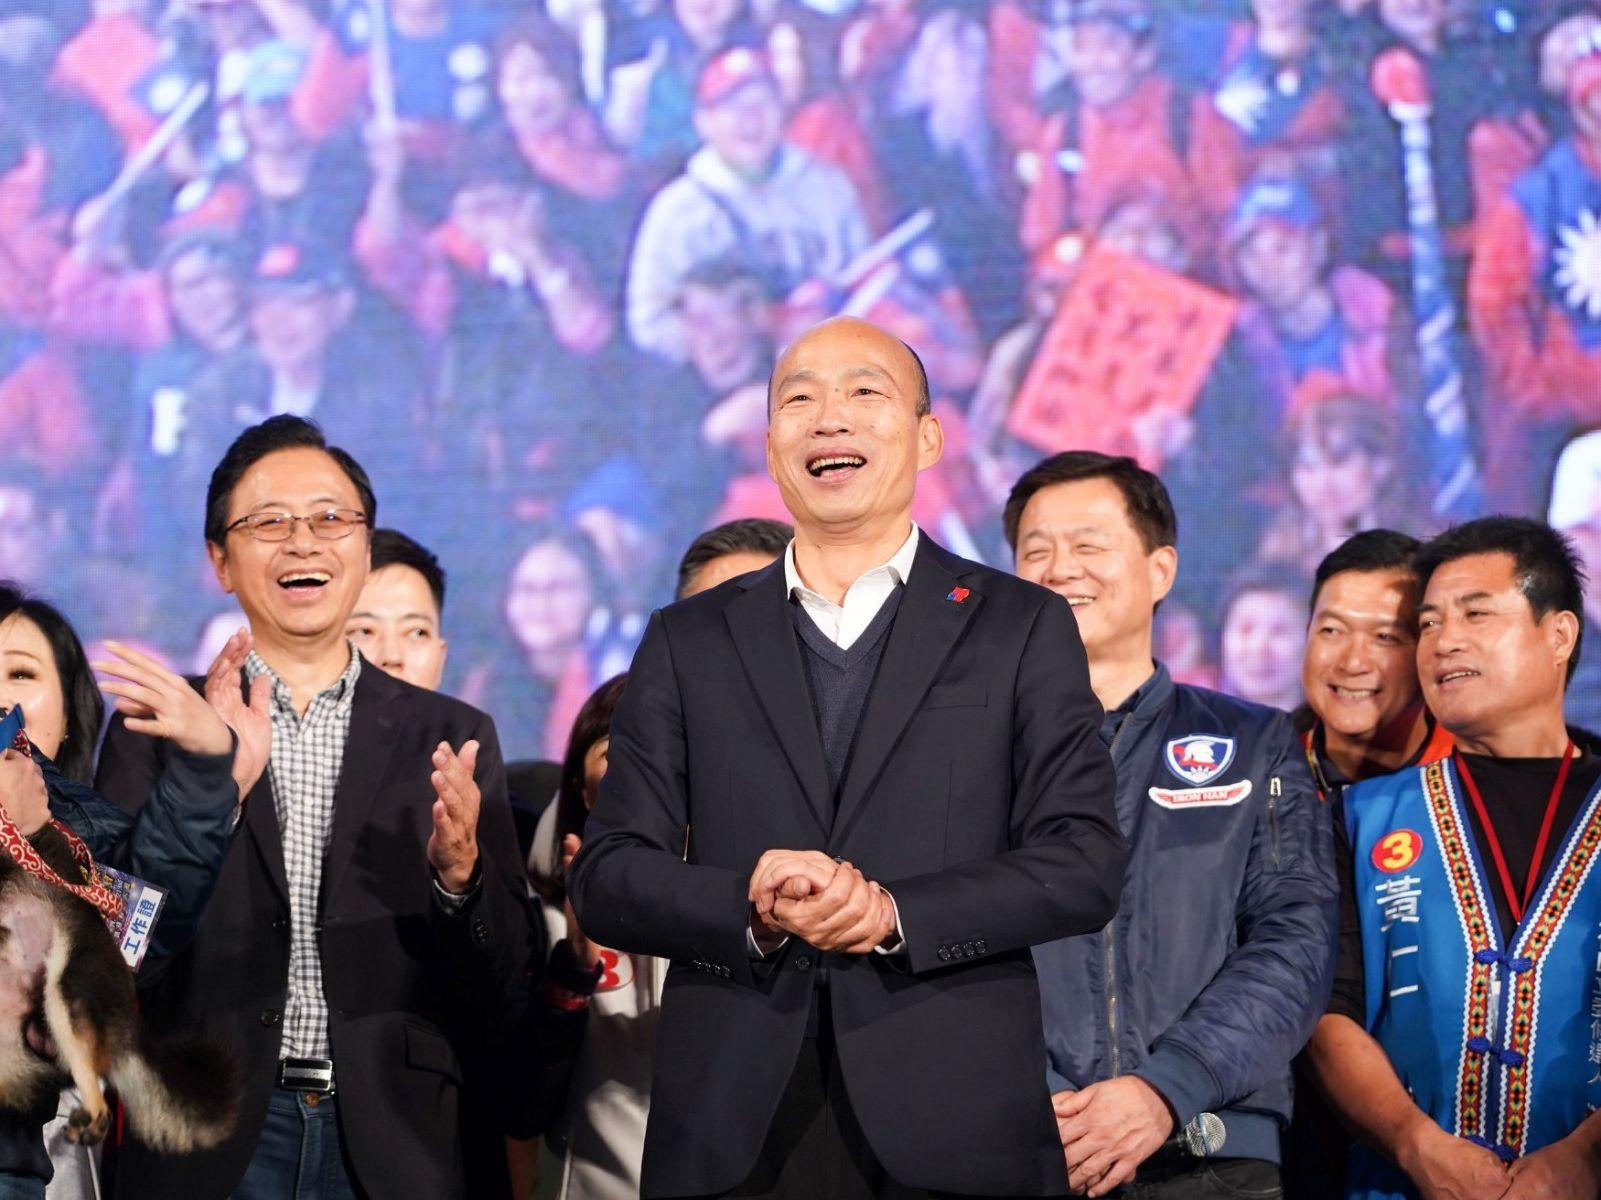 全面解析韓國瑜的暴起暴落:為什麼台灣社會在2018年之後,會出現瘋狂的「韓粉」